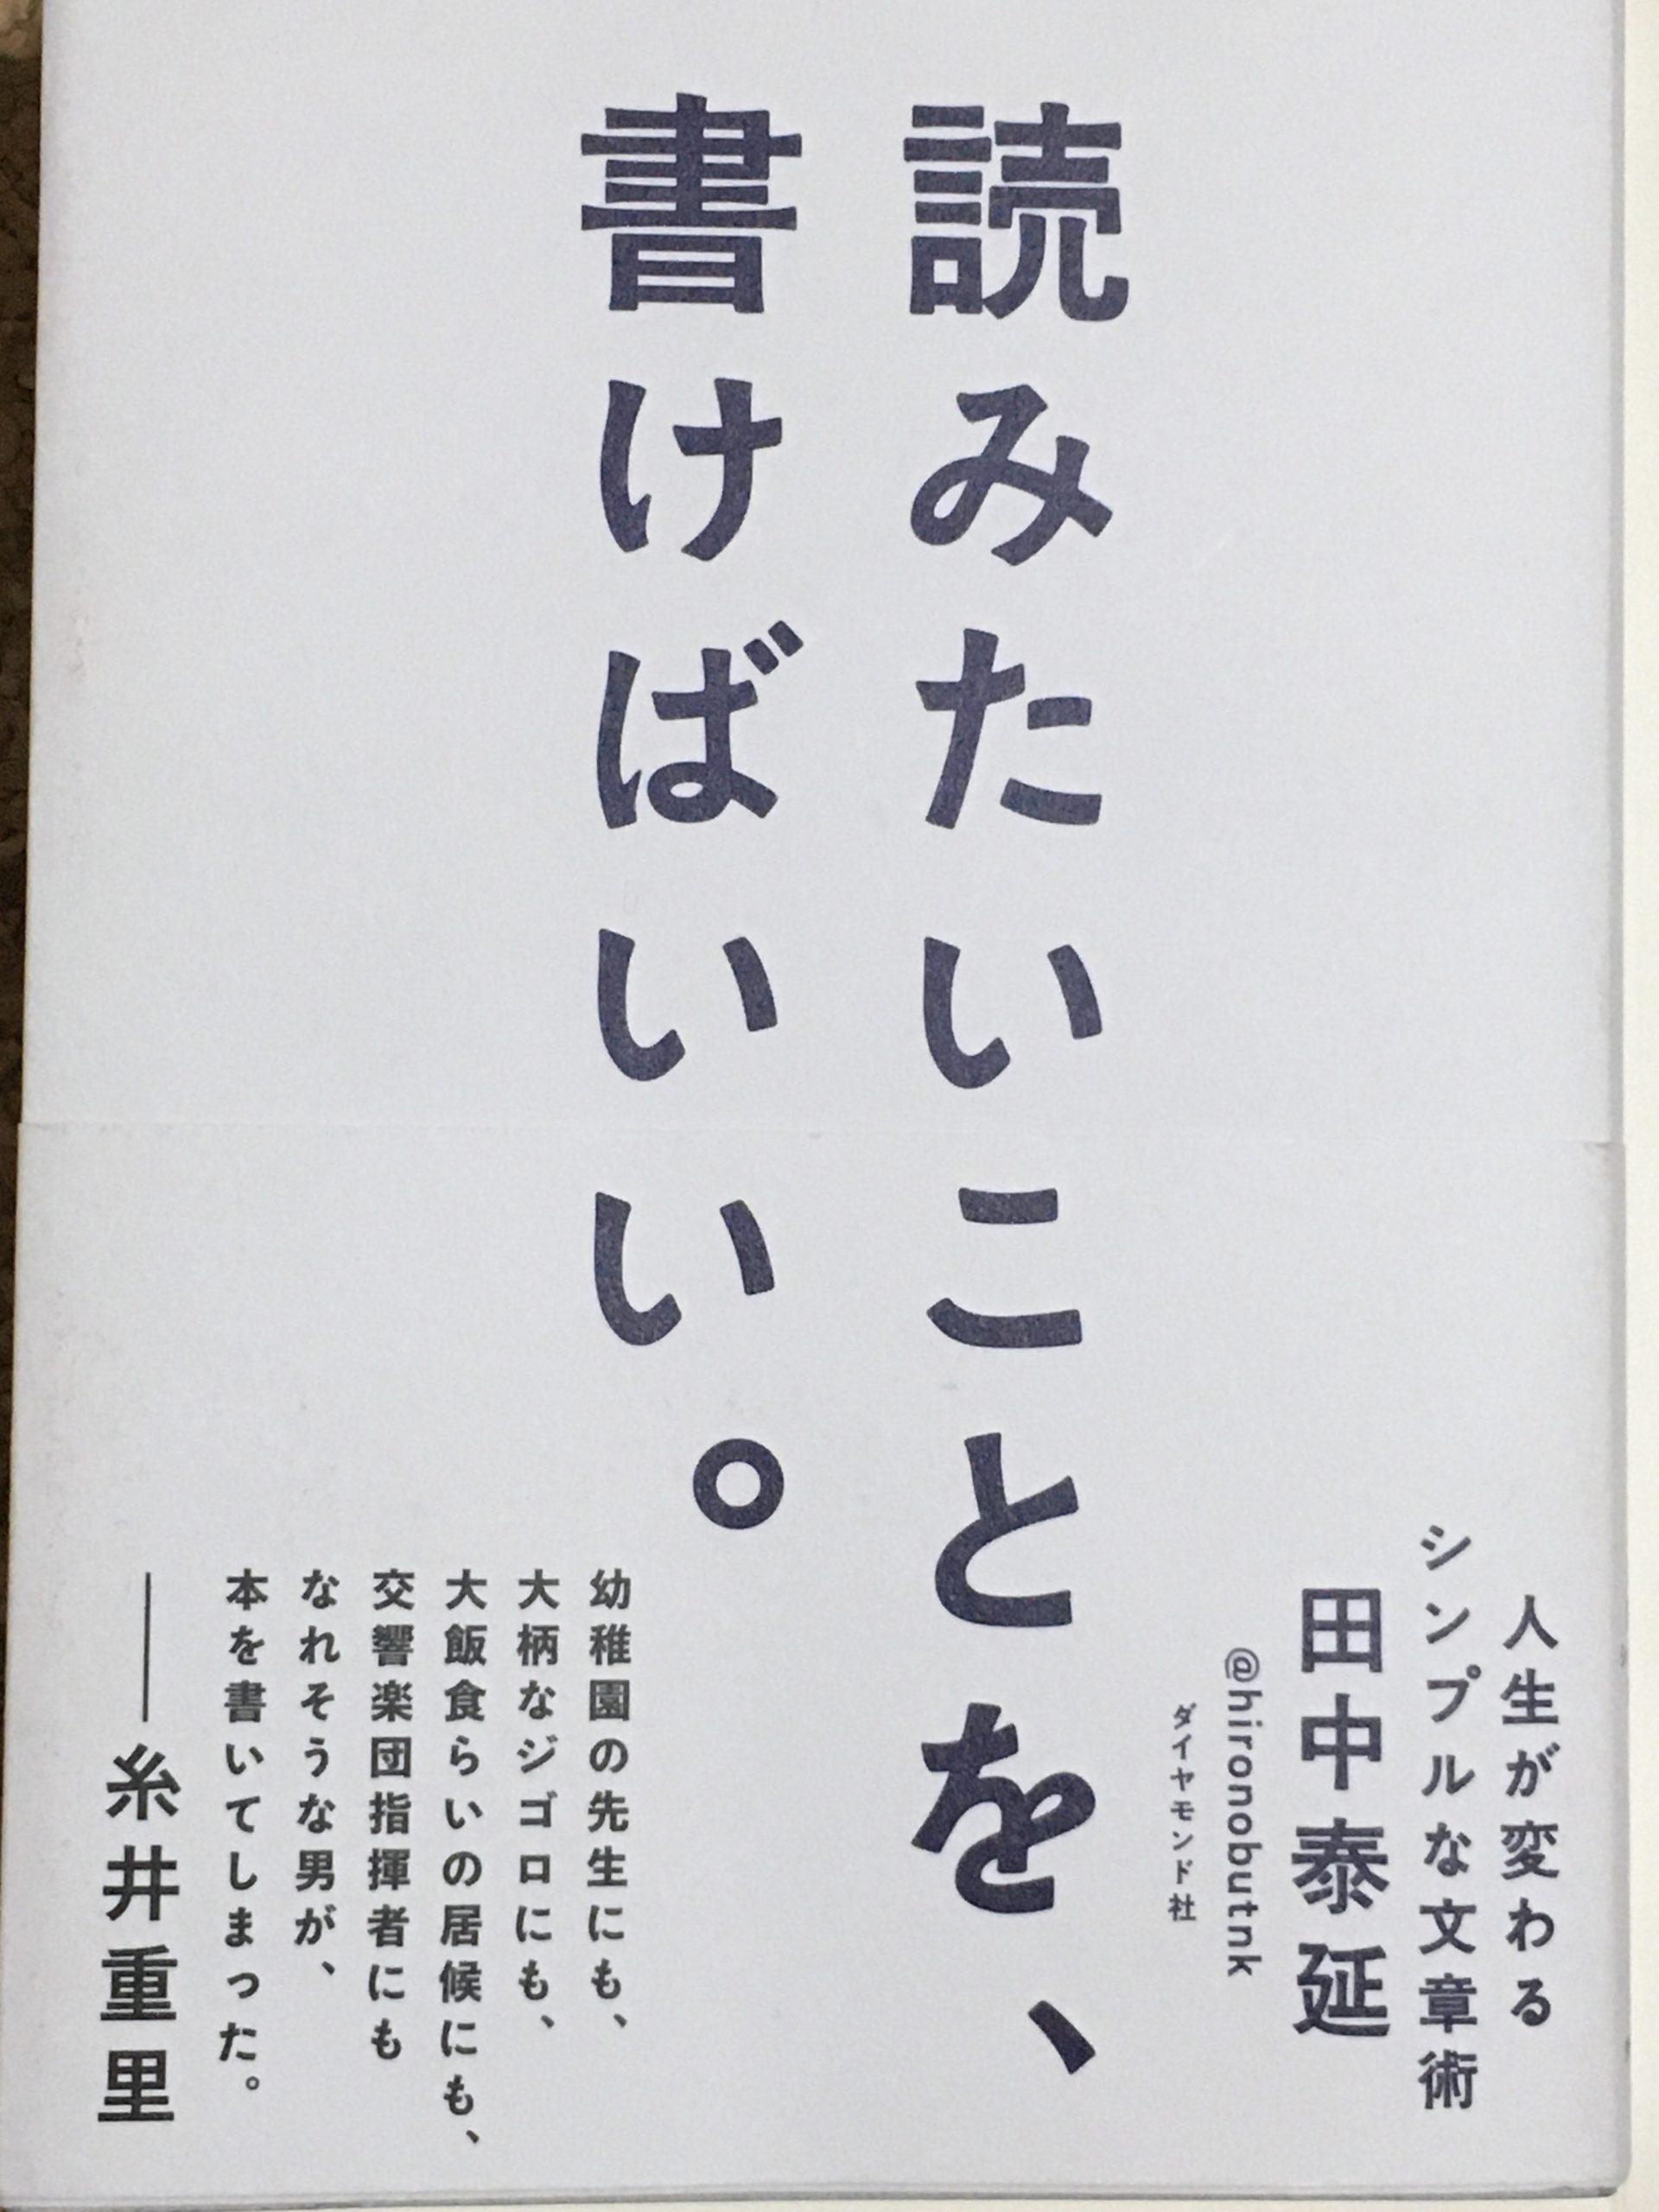 田中泰延 読みたいことを、書けばいい。